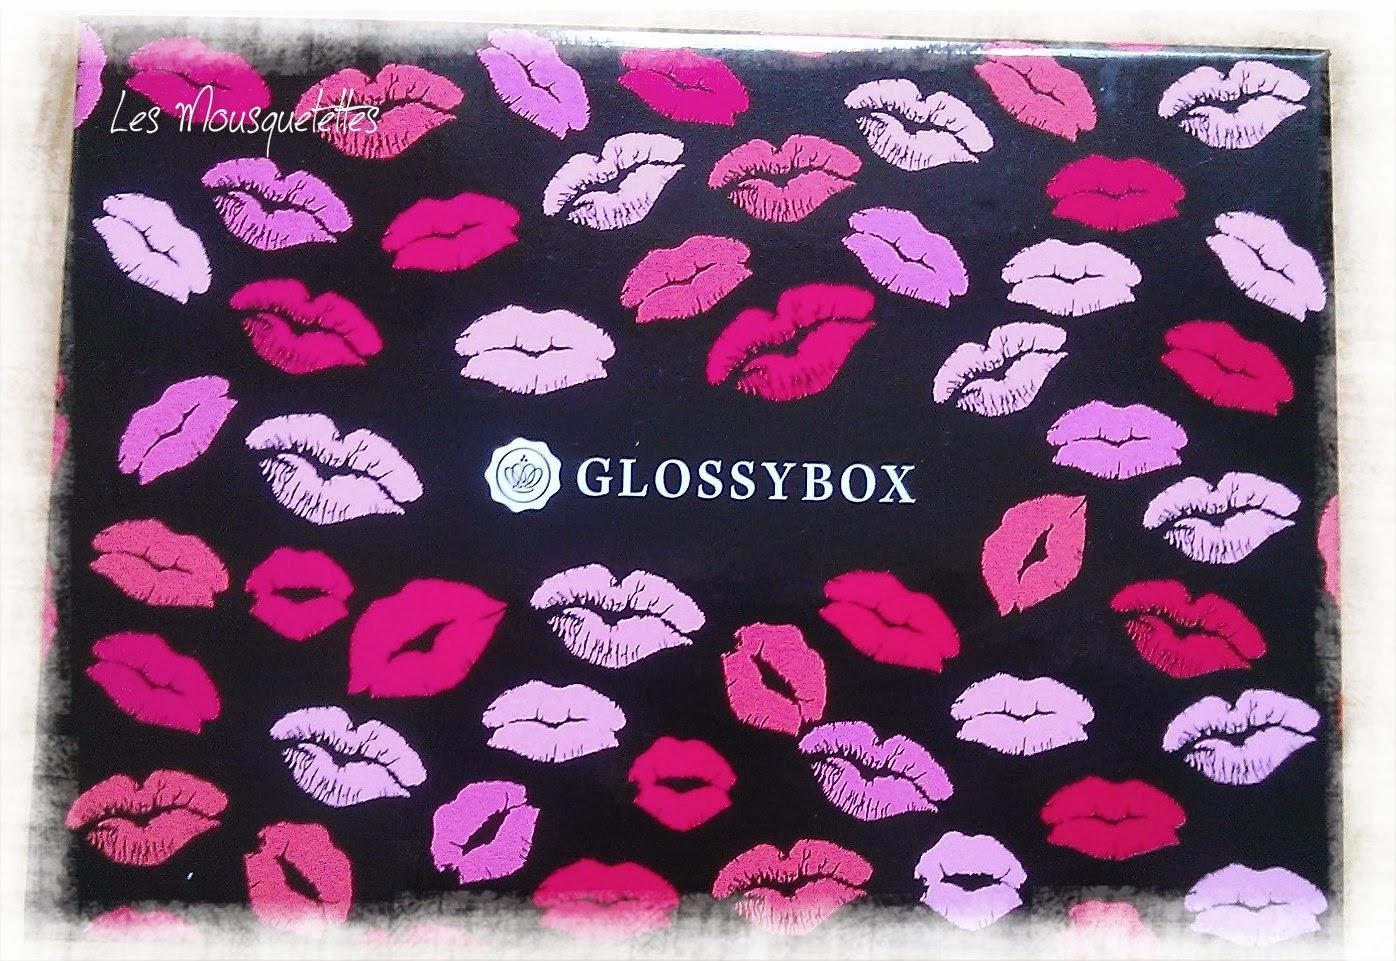 Glossybox Février 2014 - Les Mousquetettes©